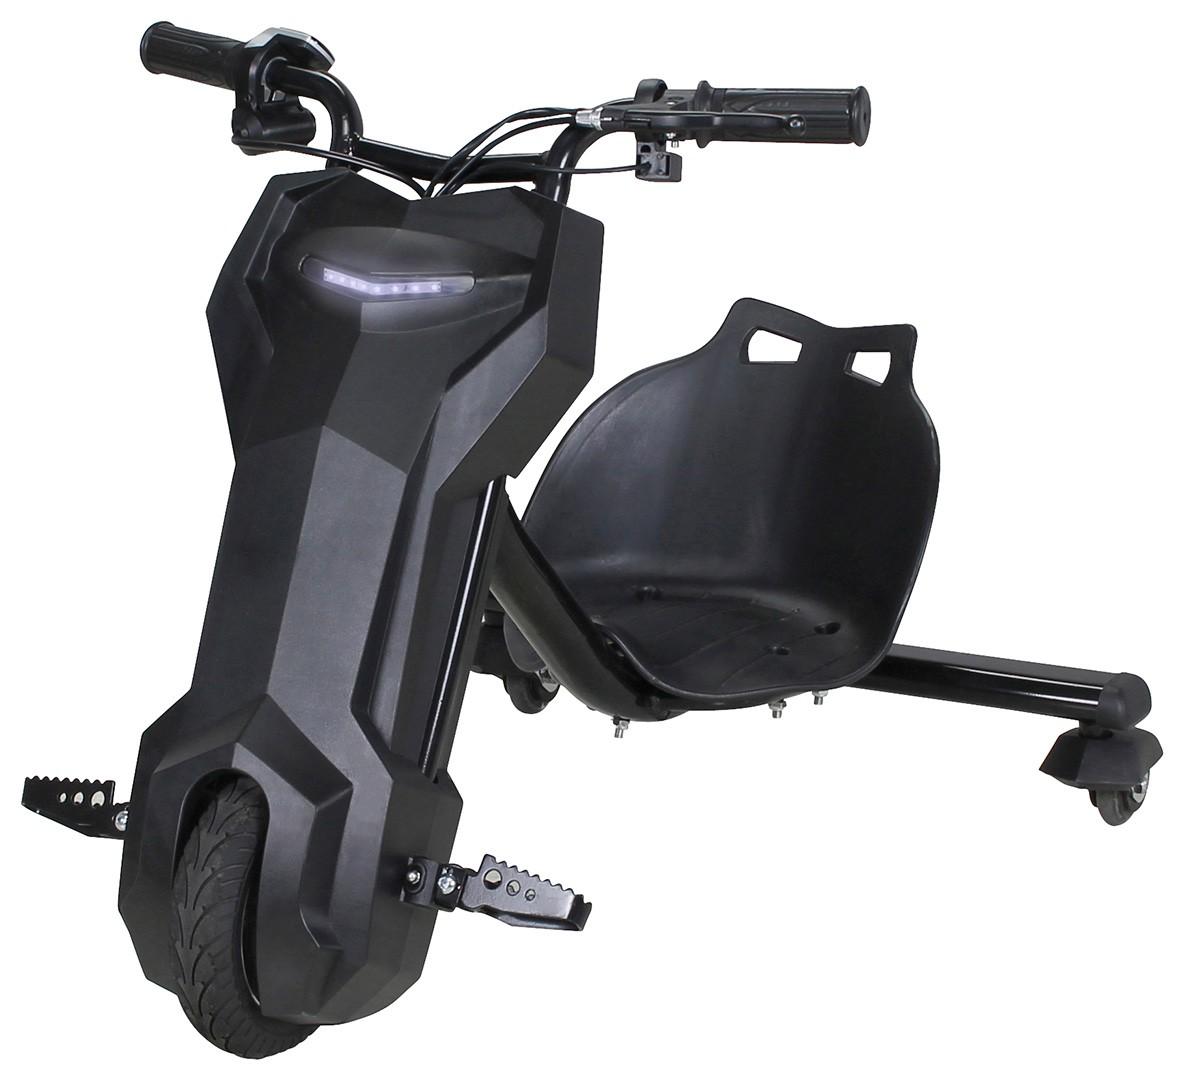 Driftscooter Drifter 360 250 Watt Motor